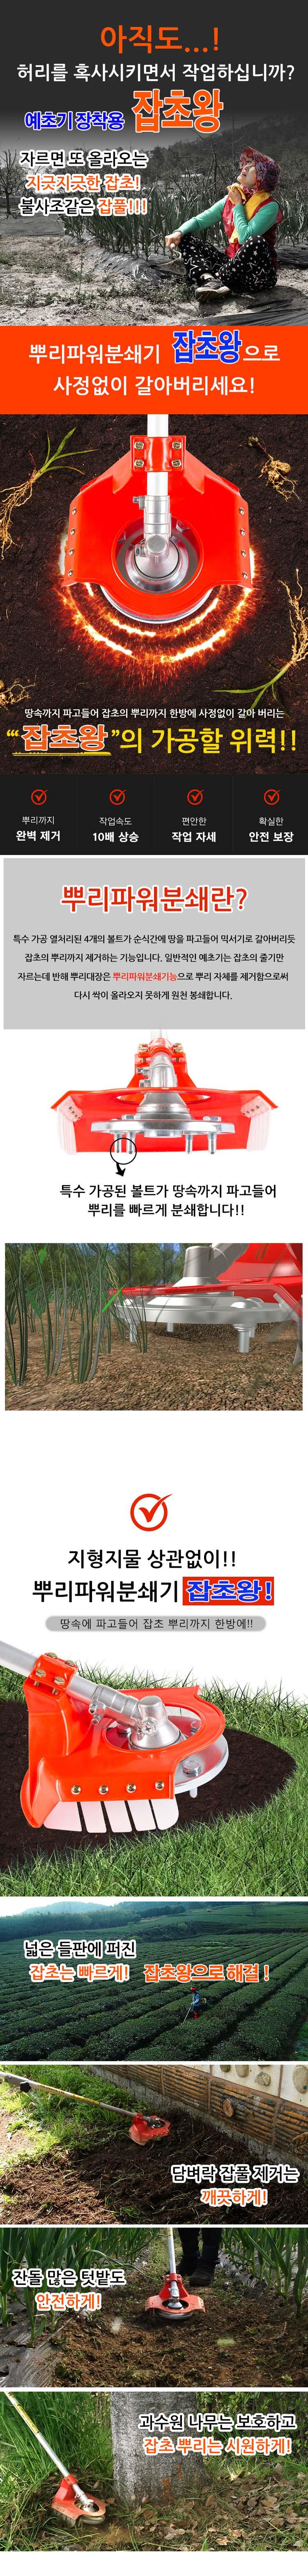 예초기,잡초킬러,잡초왕,동력호미,농기구,잡초제거,농사